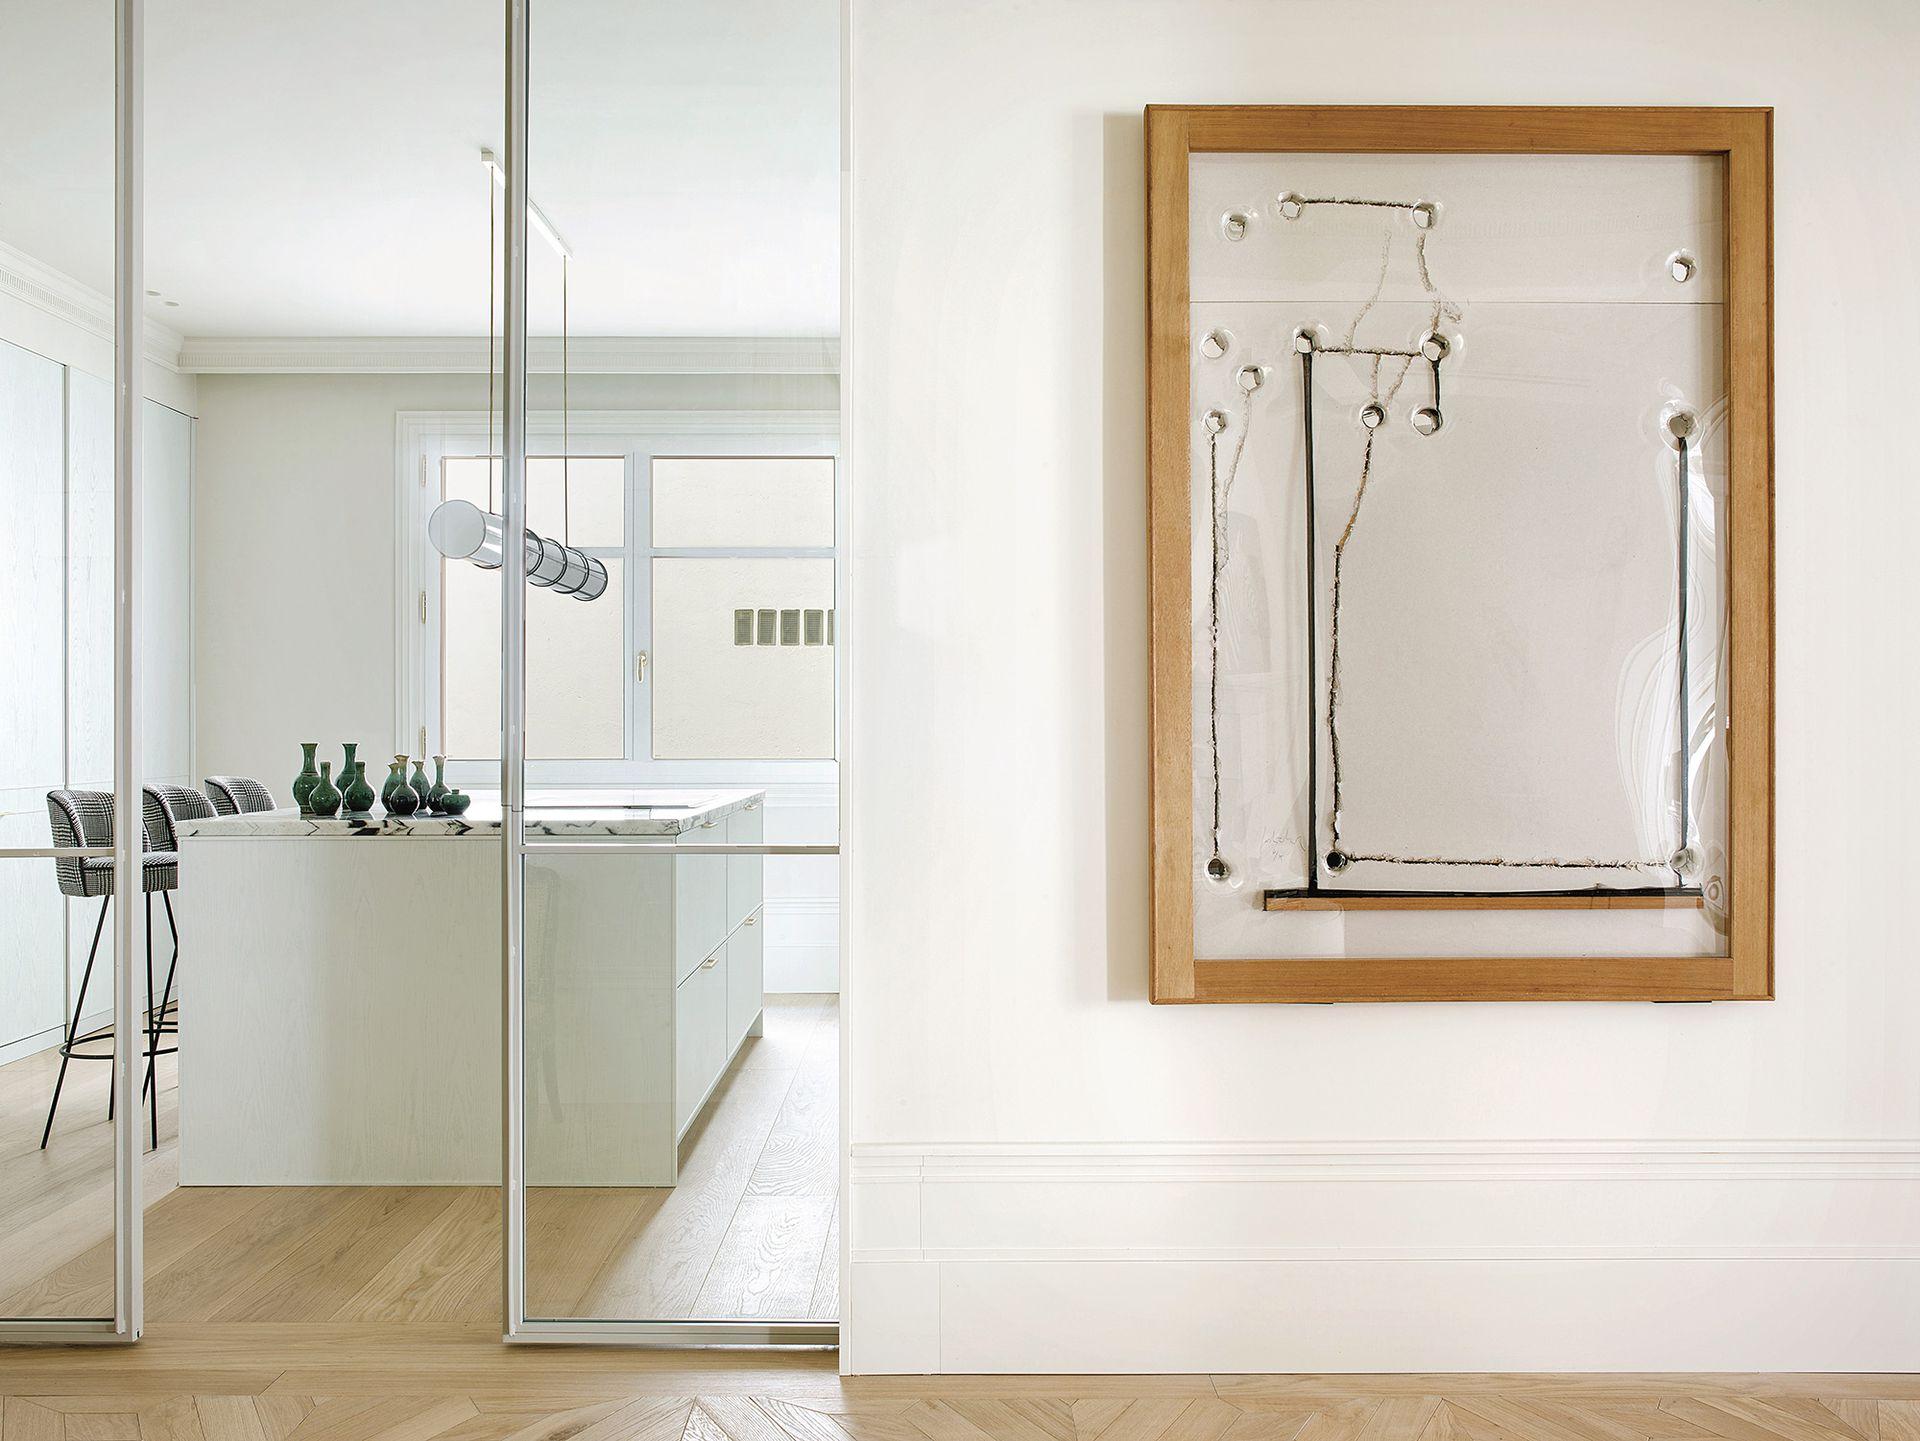 La entrada de la cocina tiene puertas de vidrio corredizas, que establecen un límite entre el parquet y el entablonado.